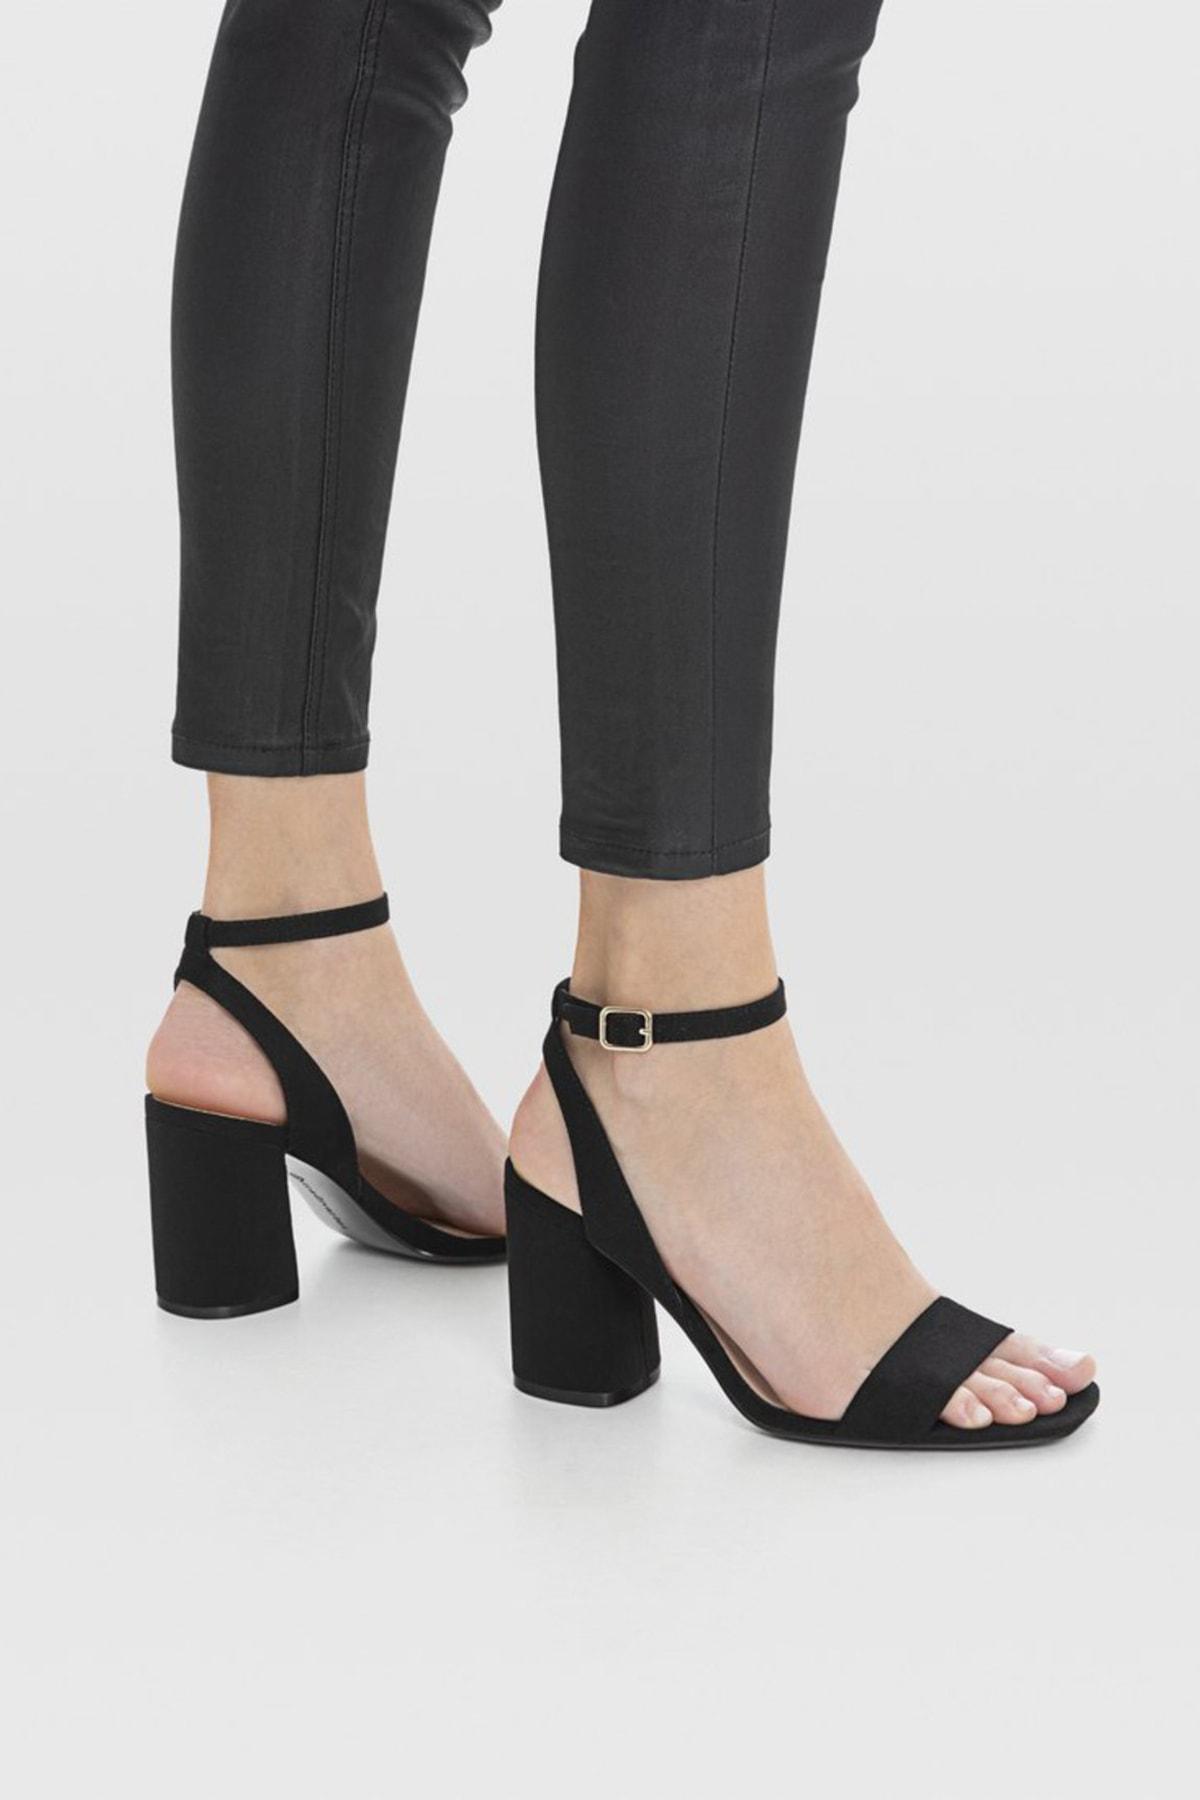 Stradivarius Kadın Siyah Bilekten Bantlı Topuklu Sandalet 19202570 4